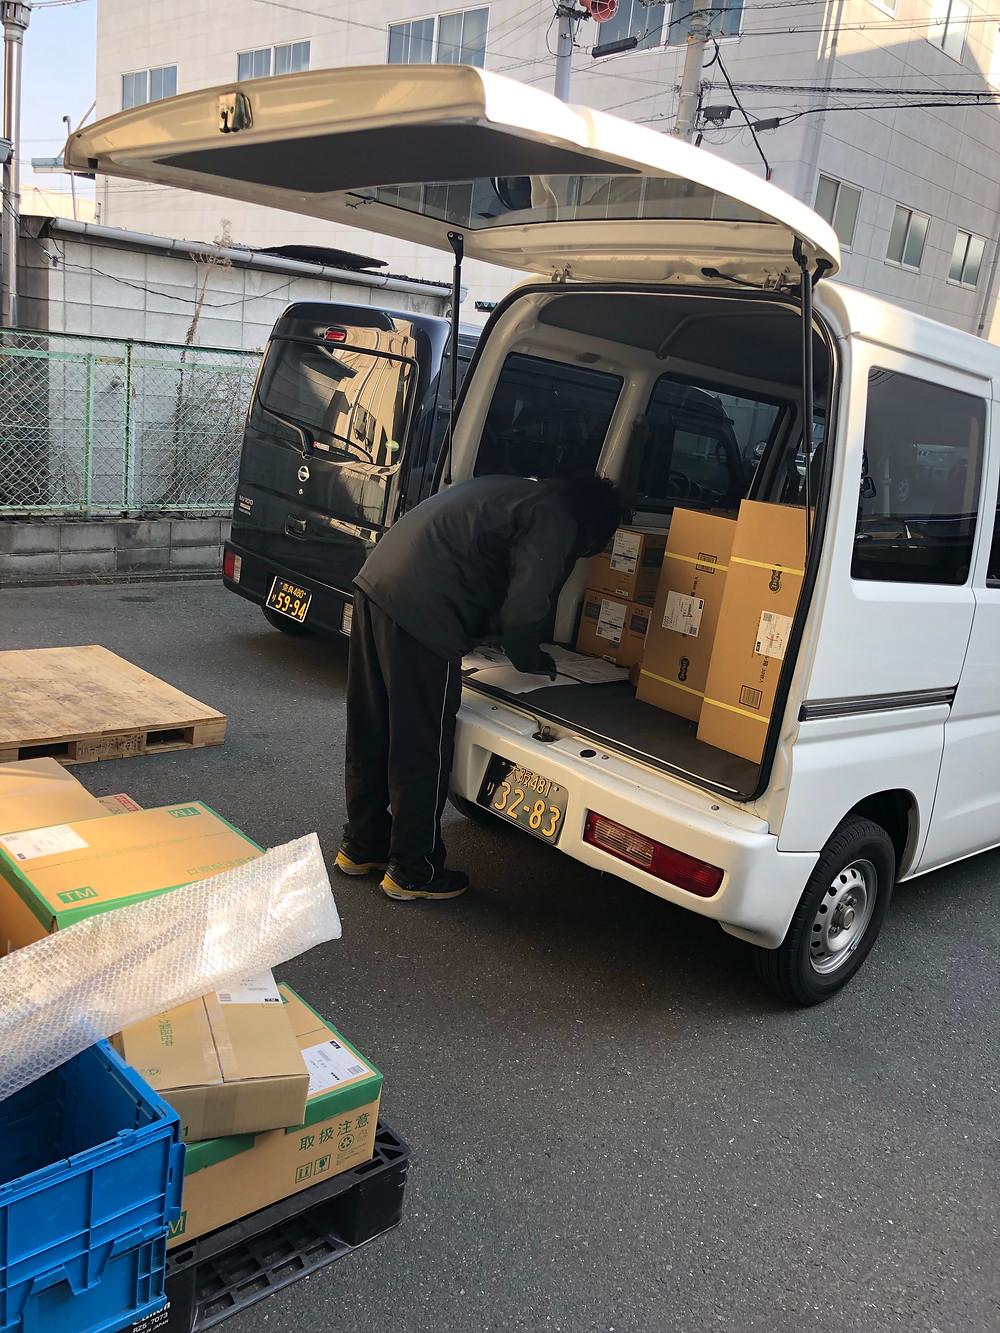 軽貨物配送